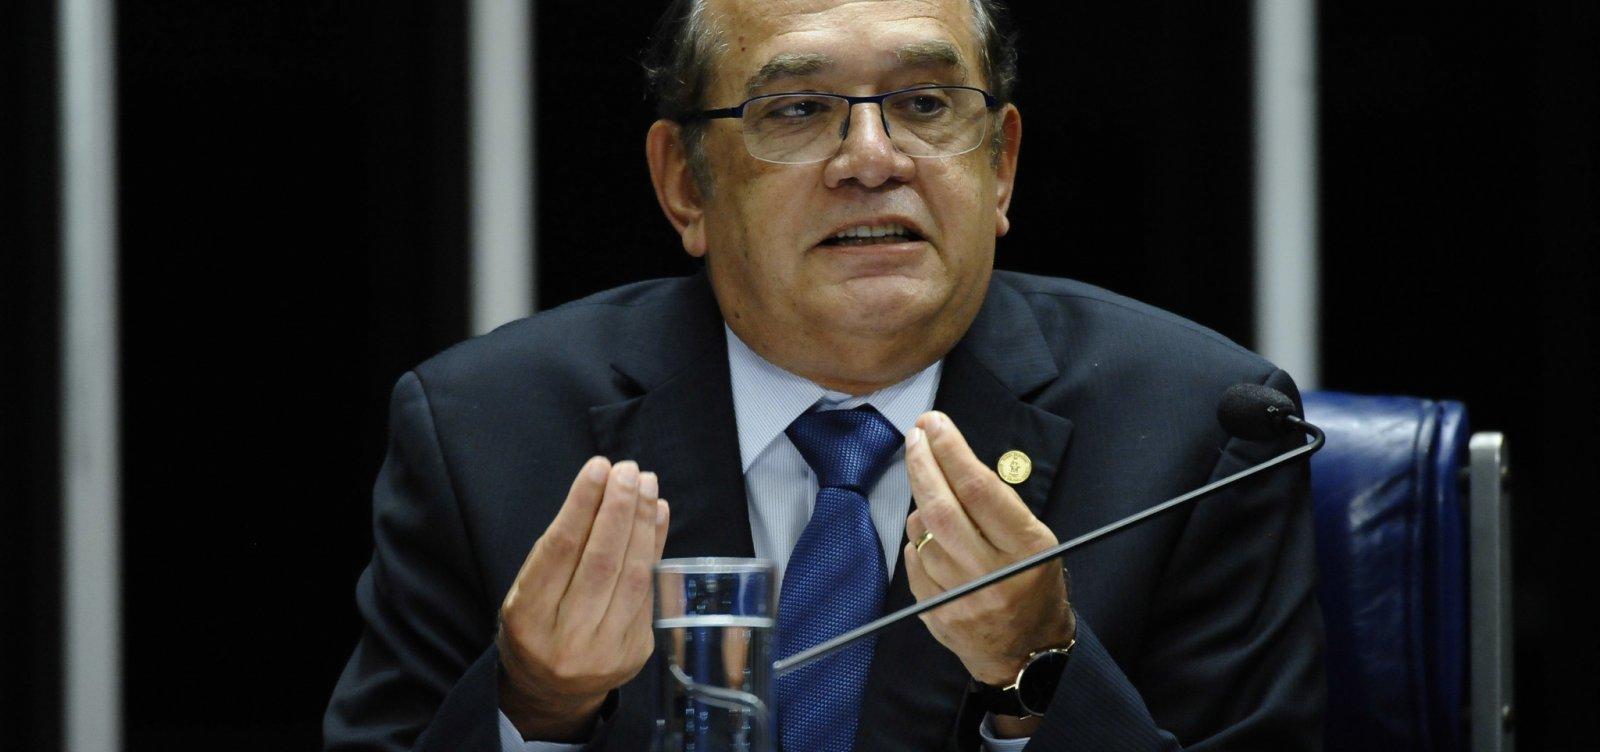 Após pedido de Gilmar Mendes, STF vai julgar habeas corpus de Lula